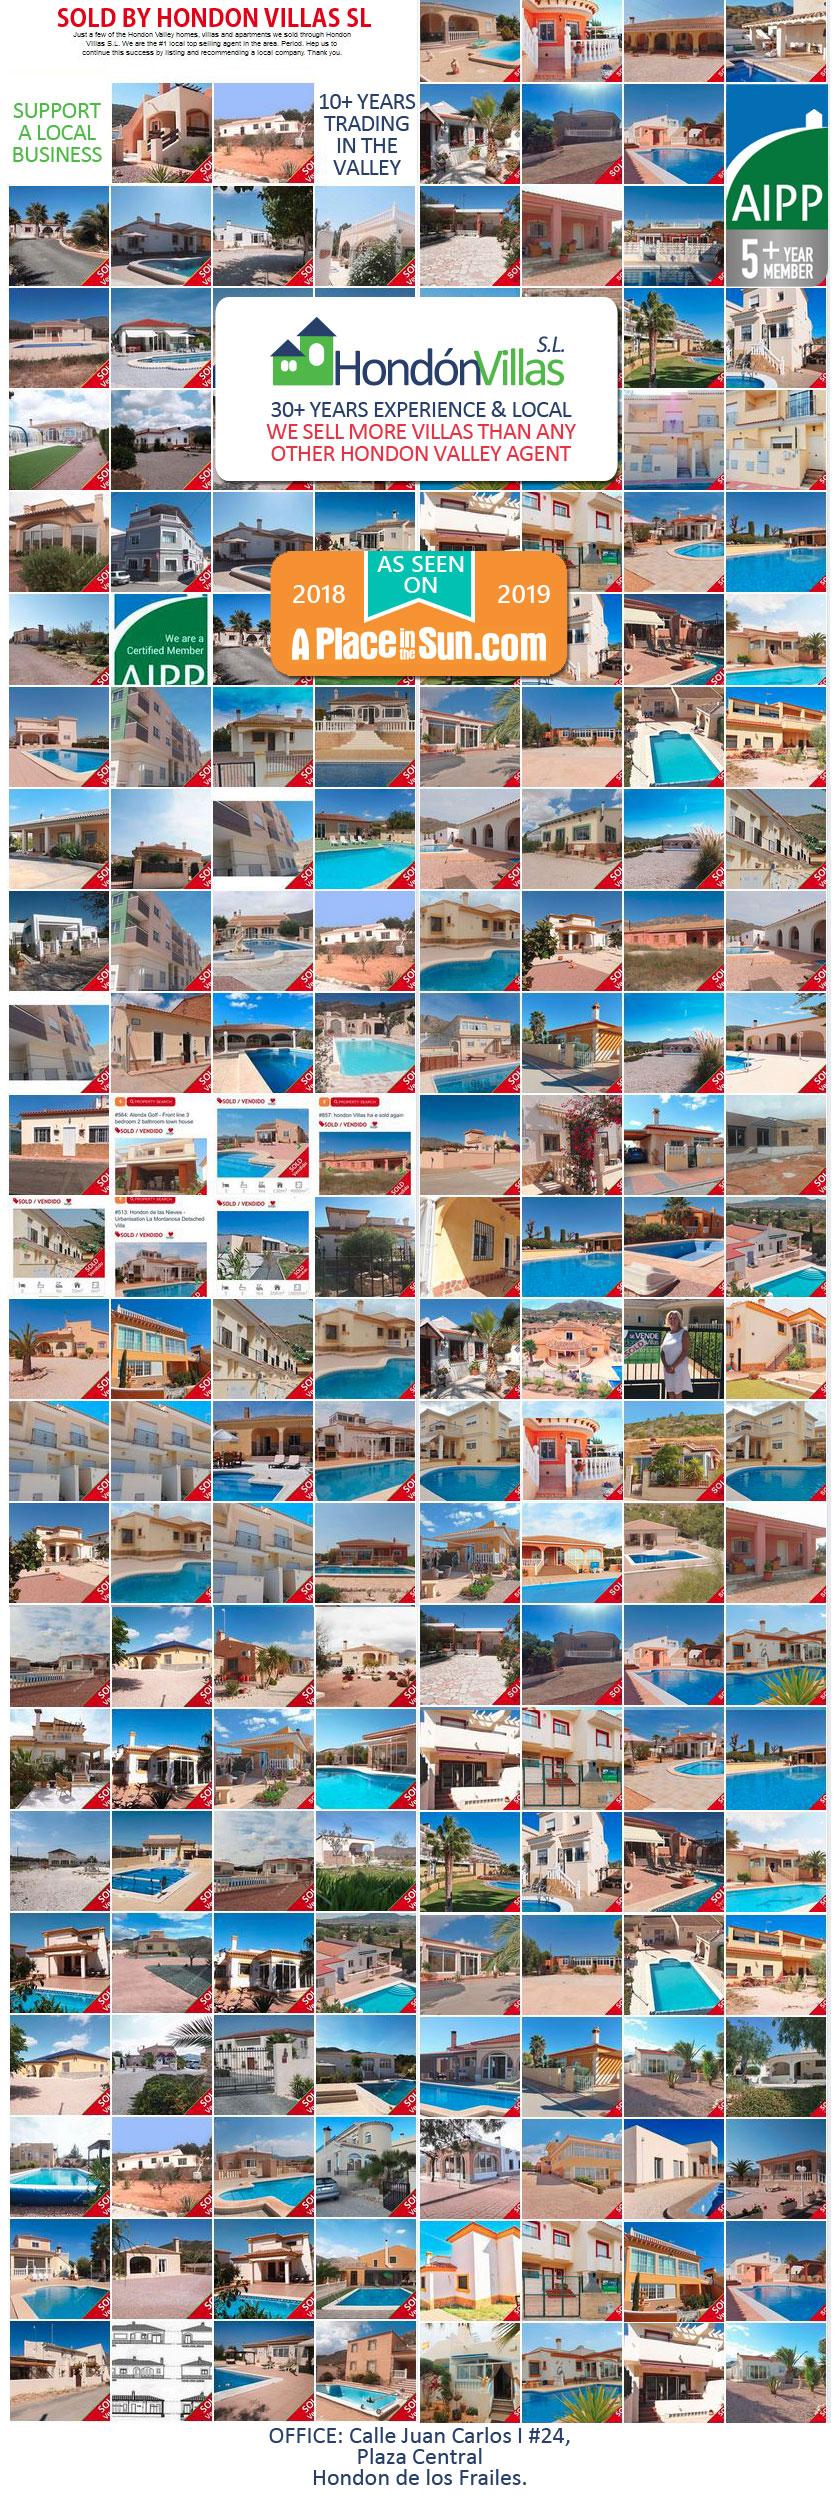 Hondon Villas property sales in the Hondón Valley, Costa Blanca Spain. Real Estate Agent / Inmobilaria